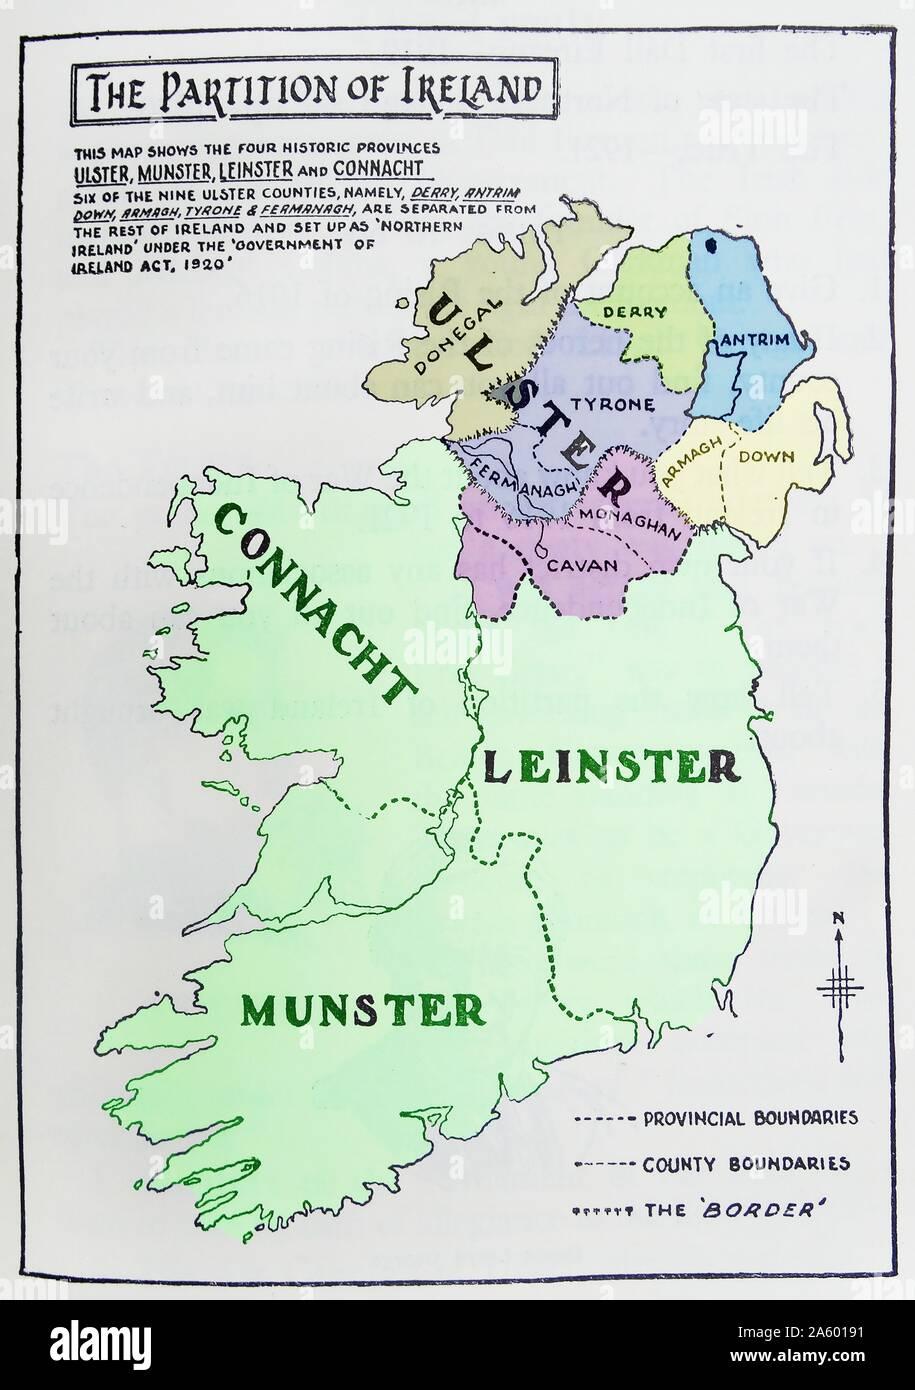 Cartina Geografica Dell Irlanda.Mappa Di Partizione D Irlanda La Divisione Dell Isola Dell Irlanda In Due Distinti Territori L Irlanda Del Nord E Sud Irlanda Nel 1921 Foto Stock Alamy